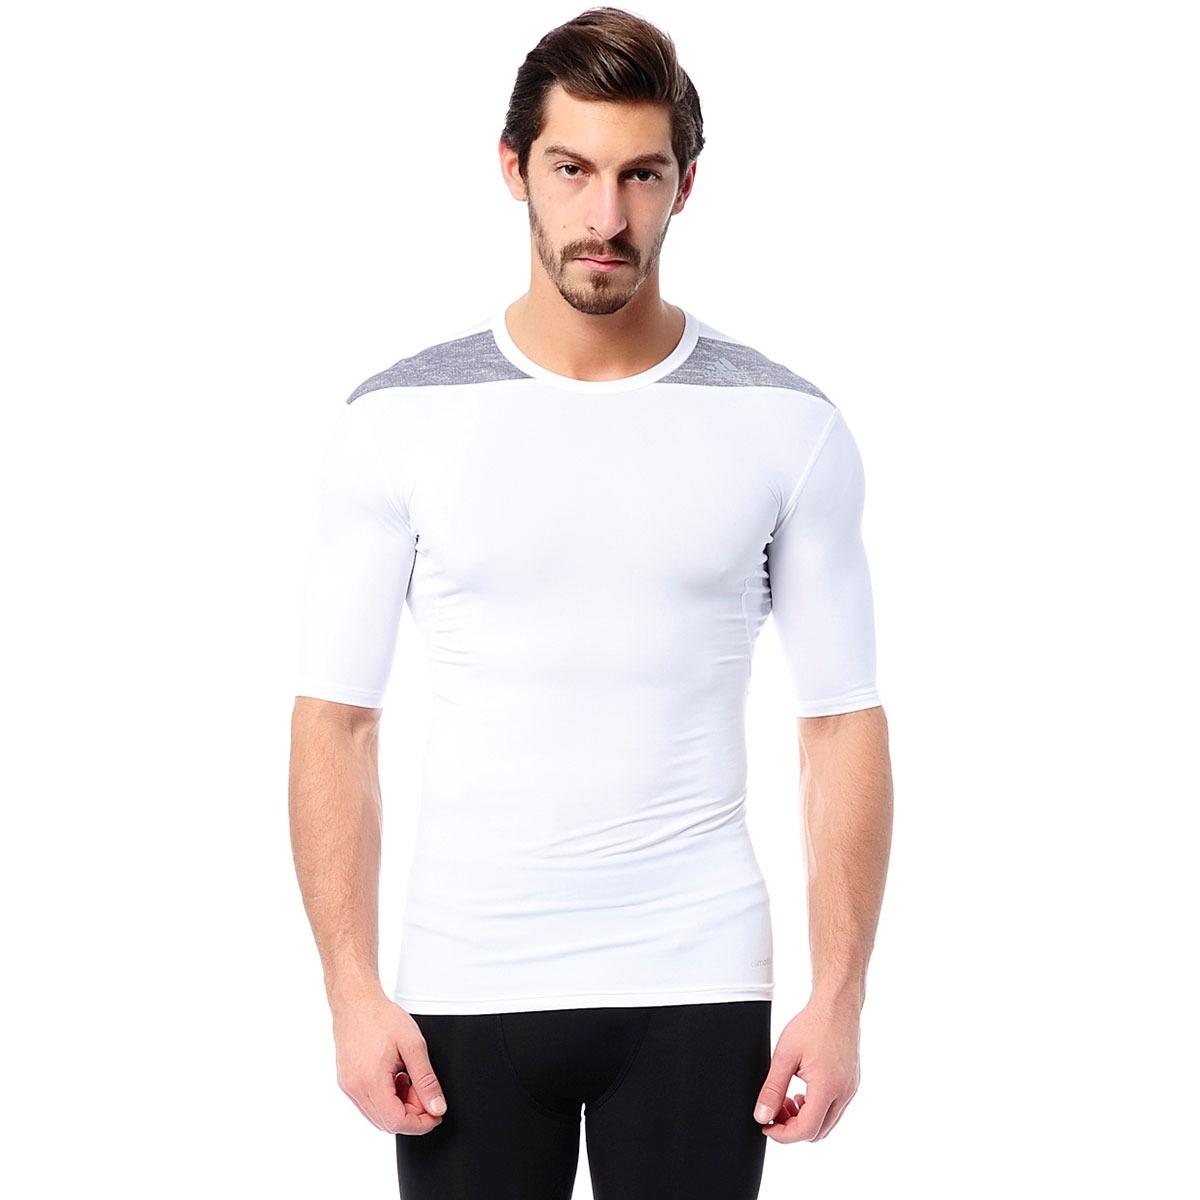 camiseta de compressão masculina adidas techfit base - adida. Carregando  zoom. 9fcfa6e4fb018